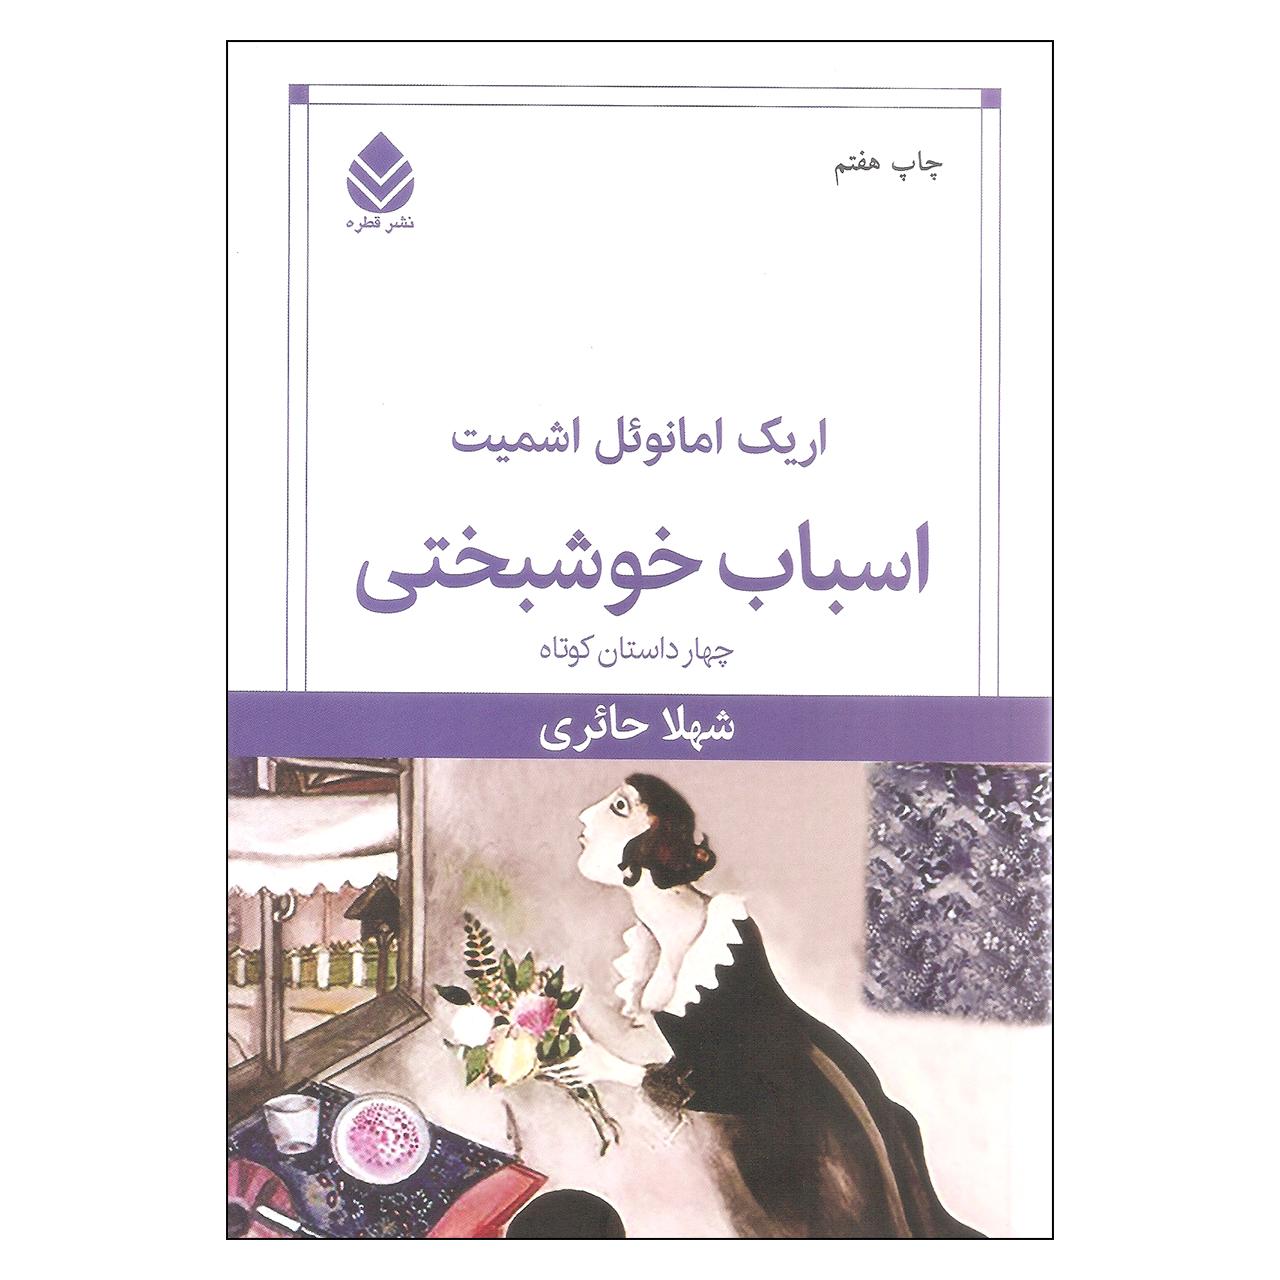 کتاب اسباب خوشبختی اثر اریک امانوئل اشمیت نشر قطره